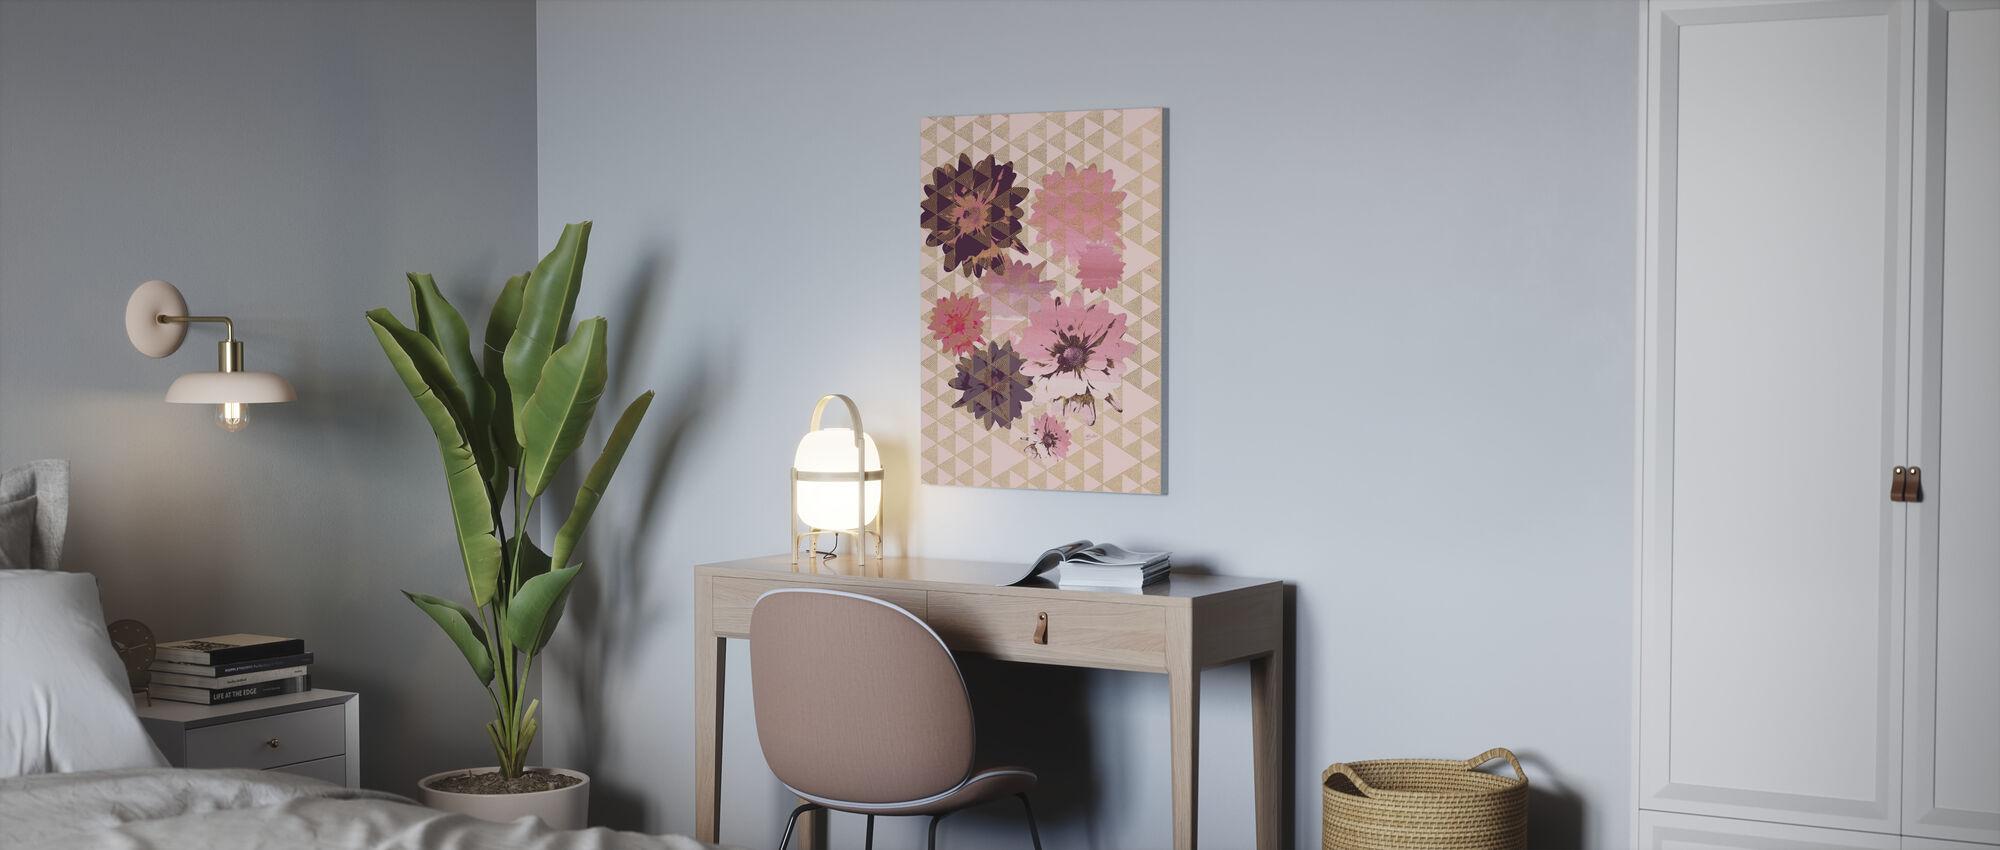 Kimono Daisies 2 - Canvas print - Office